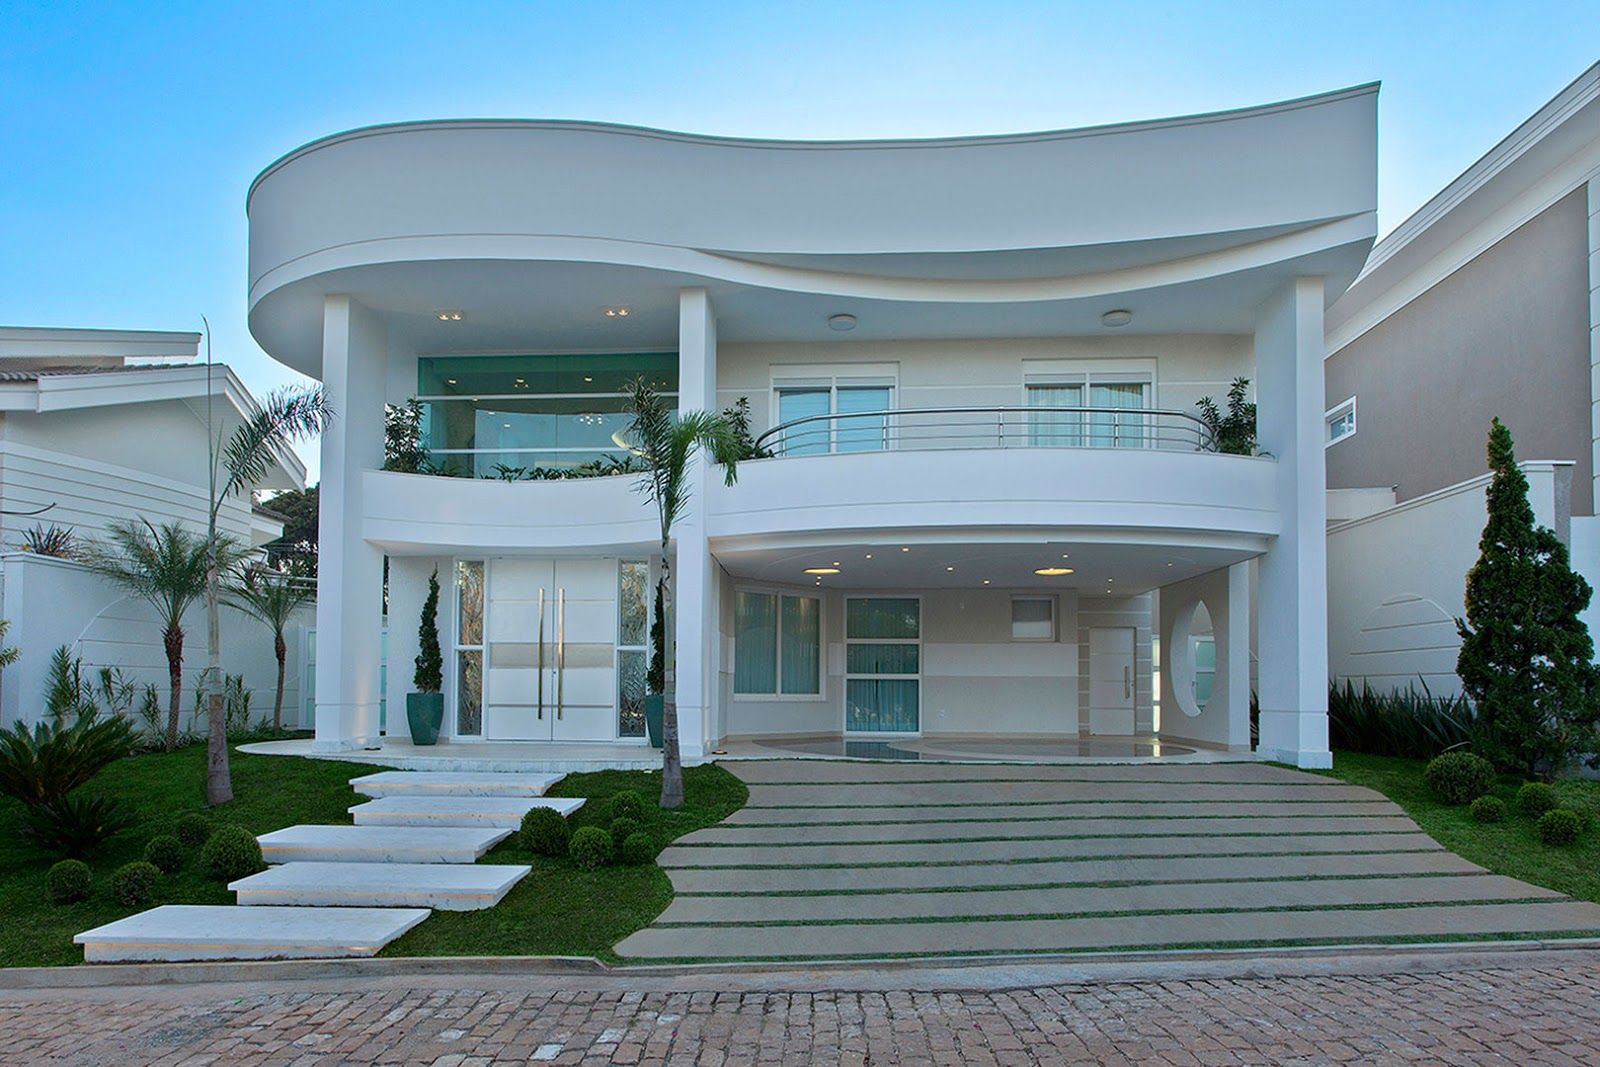 Fachadas de casas de sobrados – veja 50 modelos lindos! - Decor ...